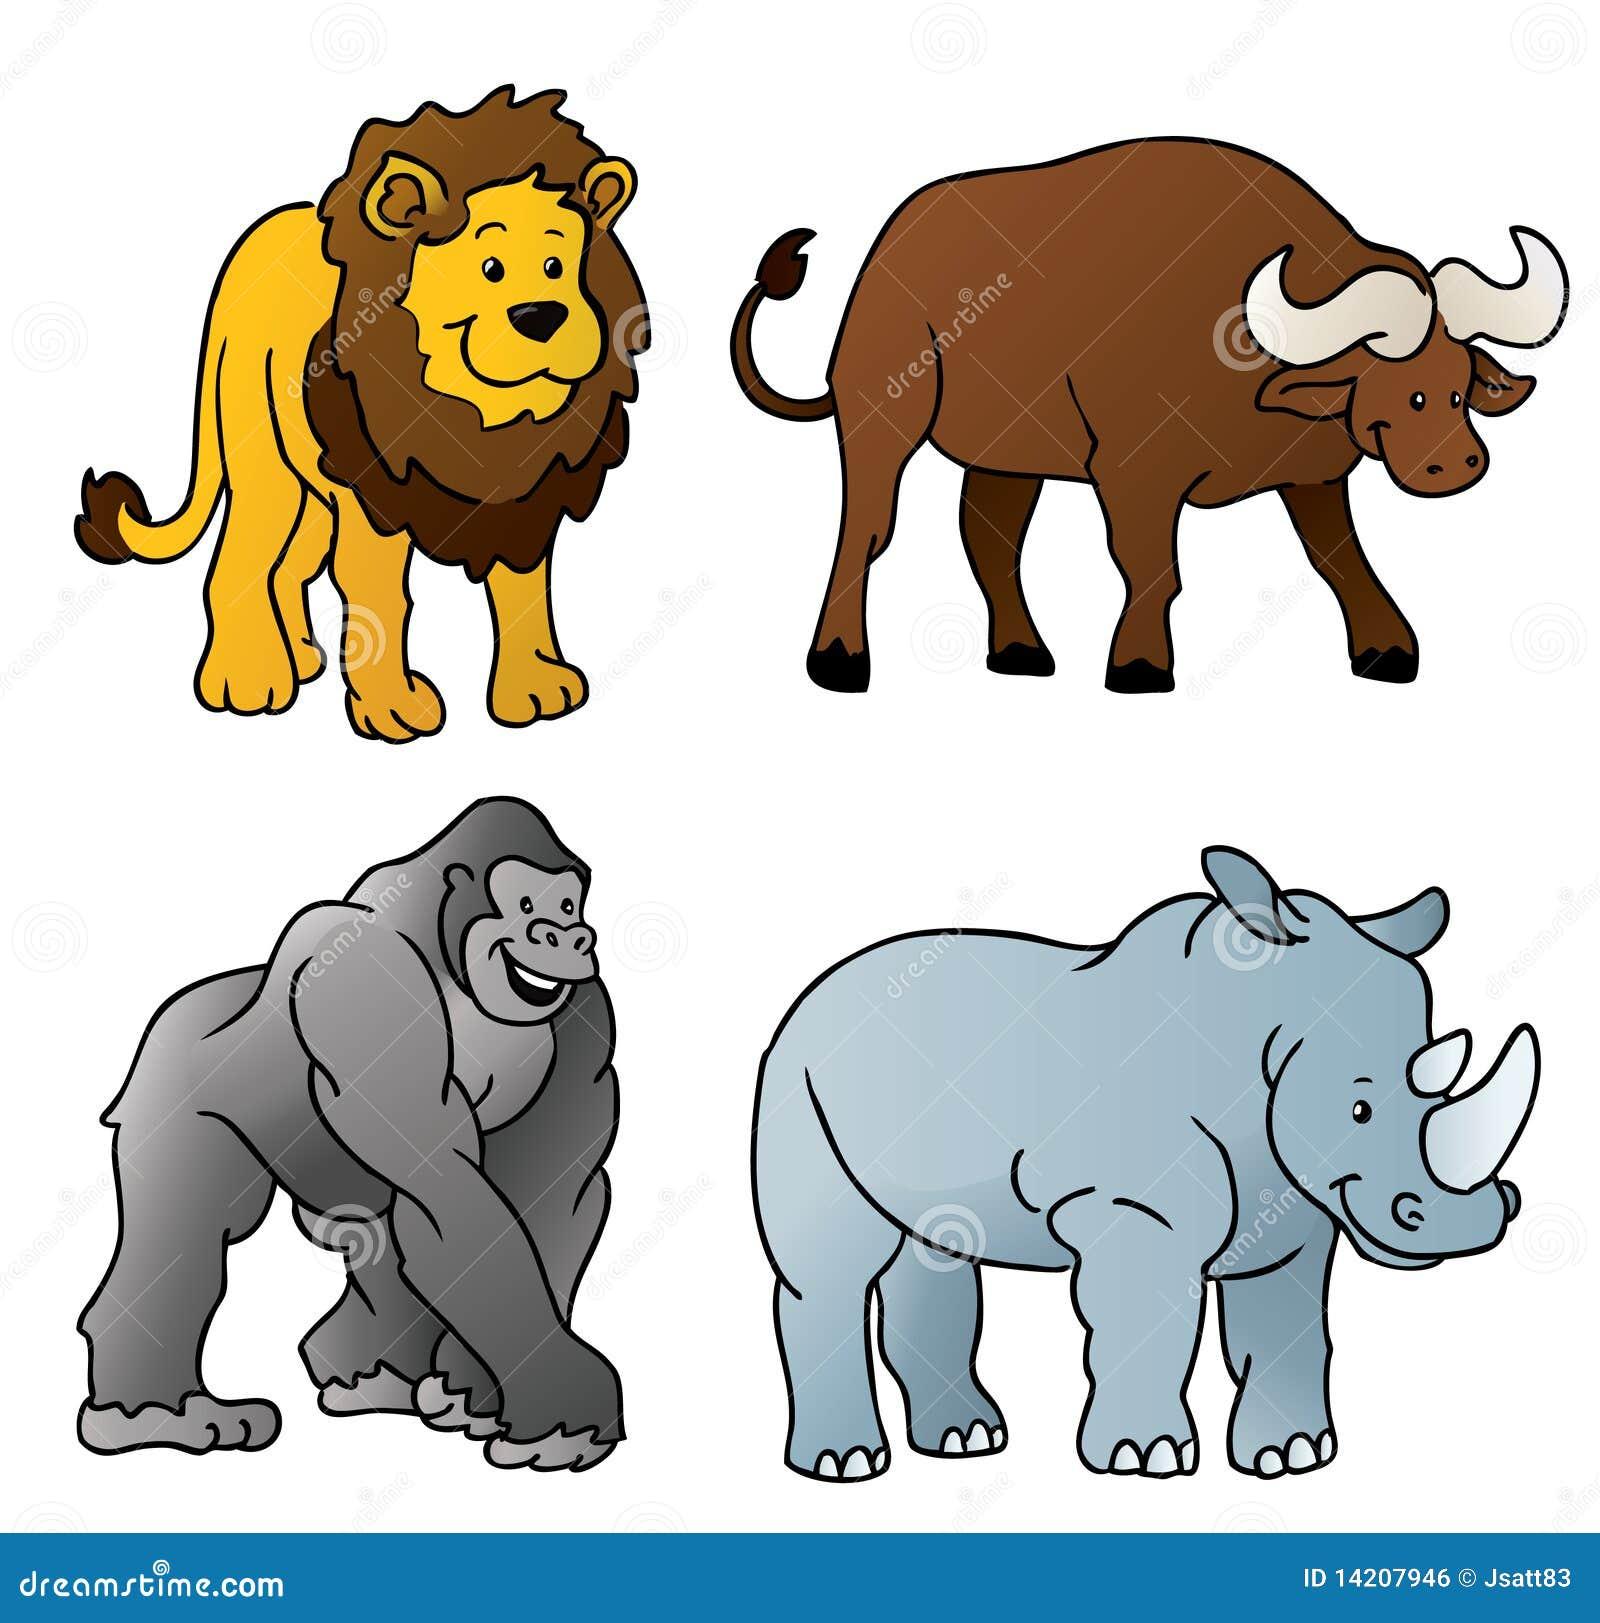 Dessin anim d 39 animaux sauvages image libre de droits - Dessin animaux sauvages ...